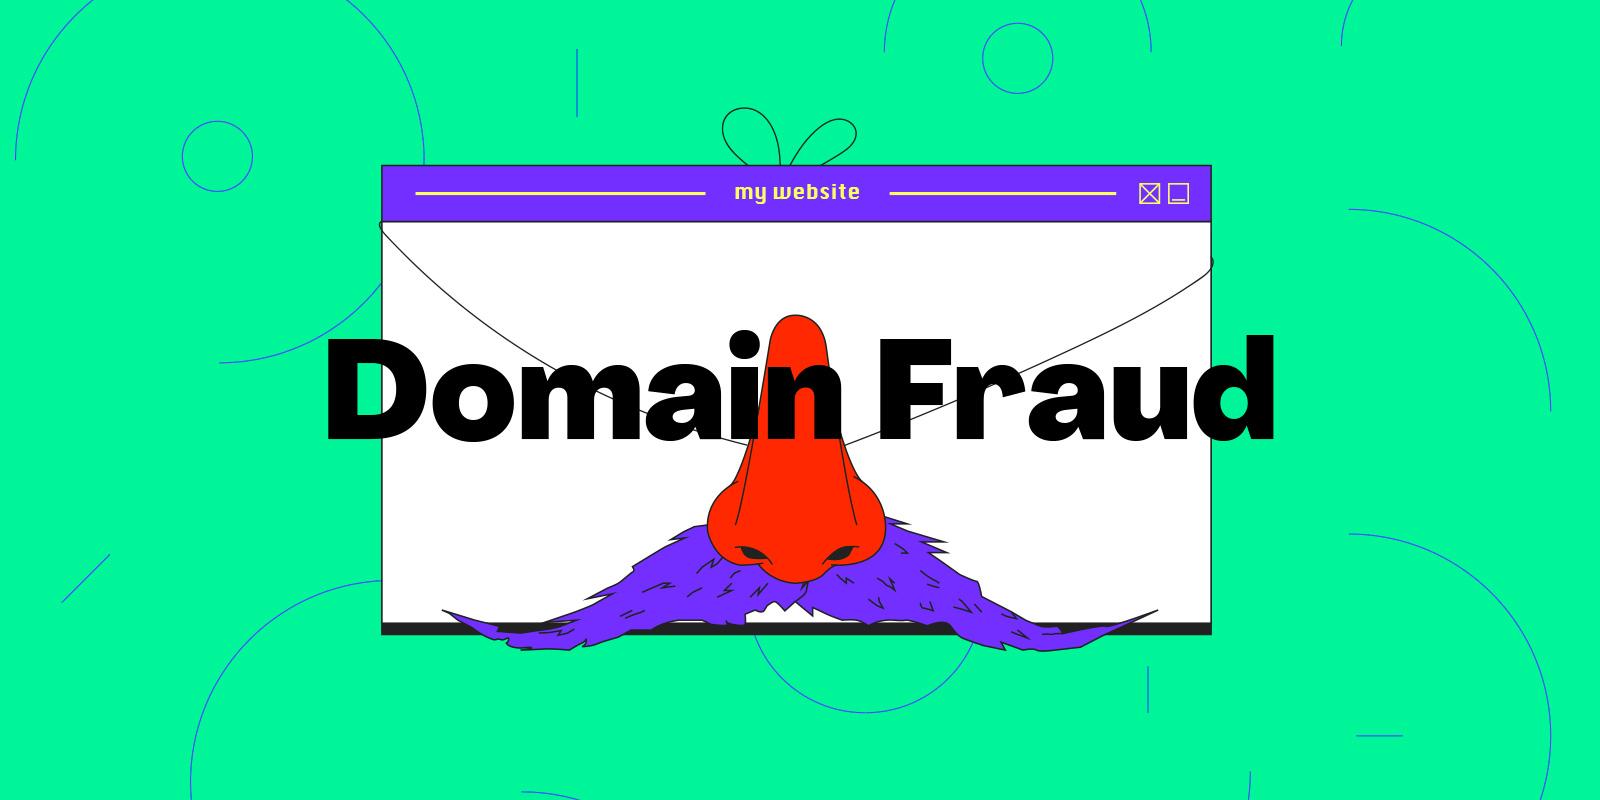 企業をターゲットにしたドメイン名詐欺が急増しています [ご注意ください]